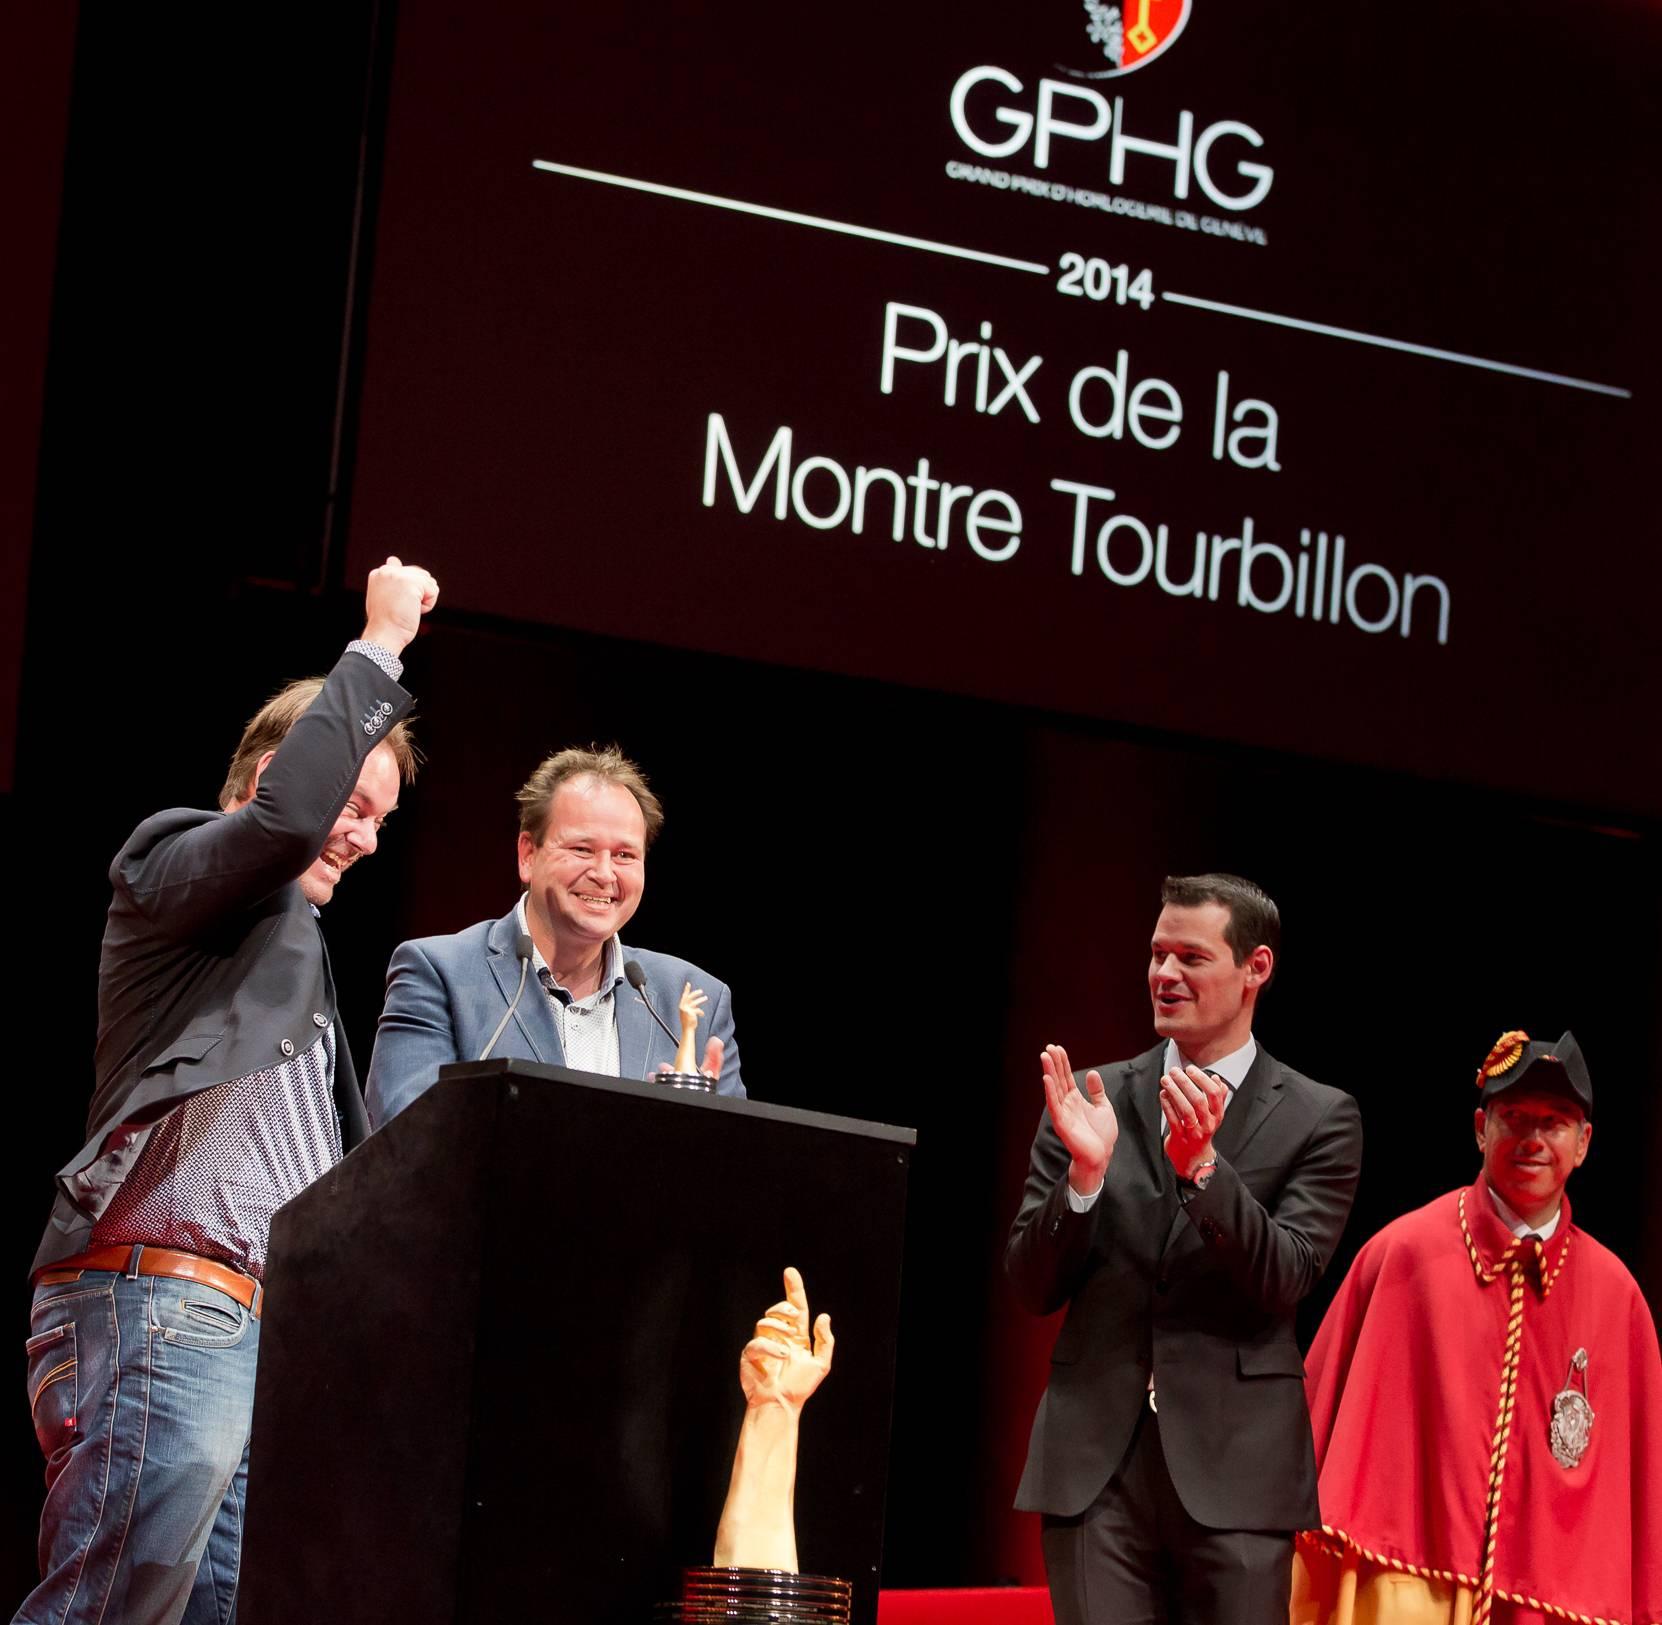 Bart et Tim Grönefeld (Co-fondateurs de Grönefeld, marque lauréate du Prix de la Montre Tourbillon 2014) et Pierre Maudet (Conseiller d'Etat)